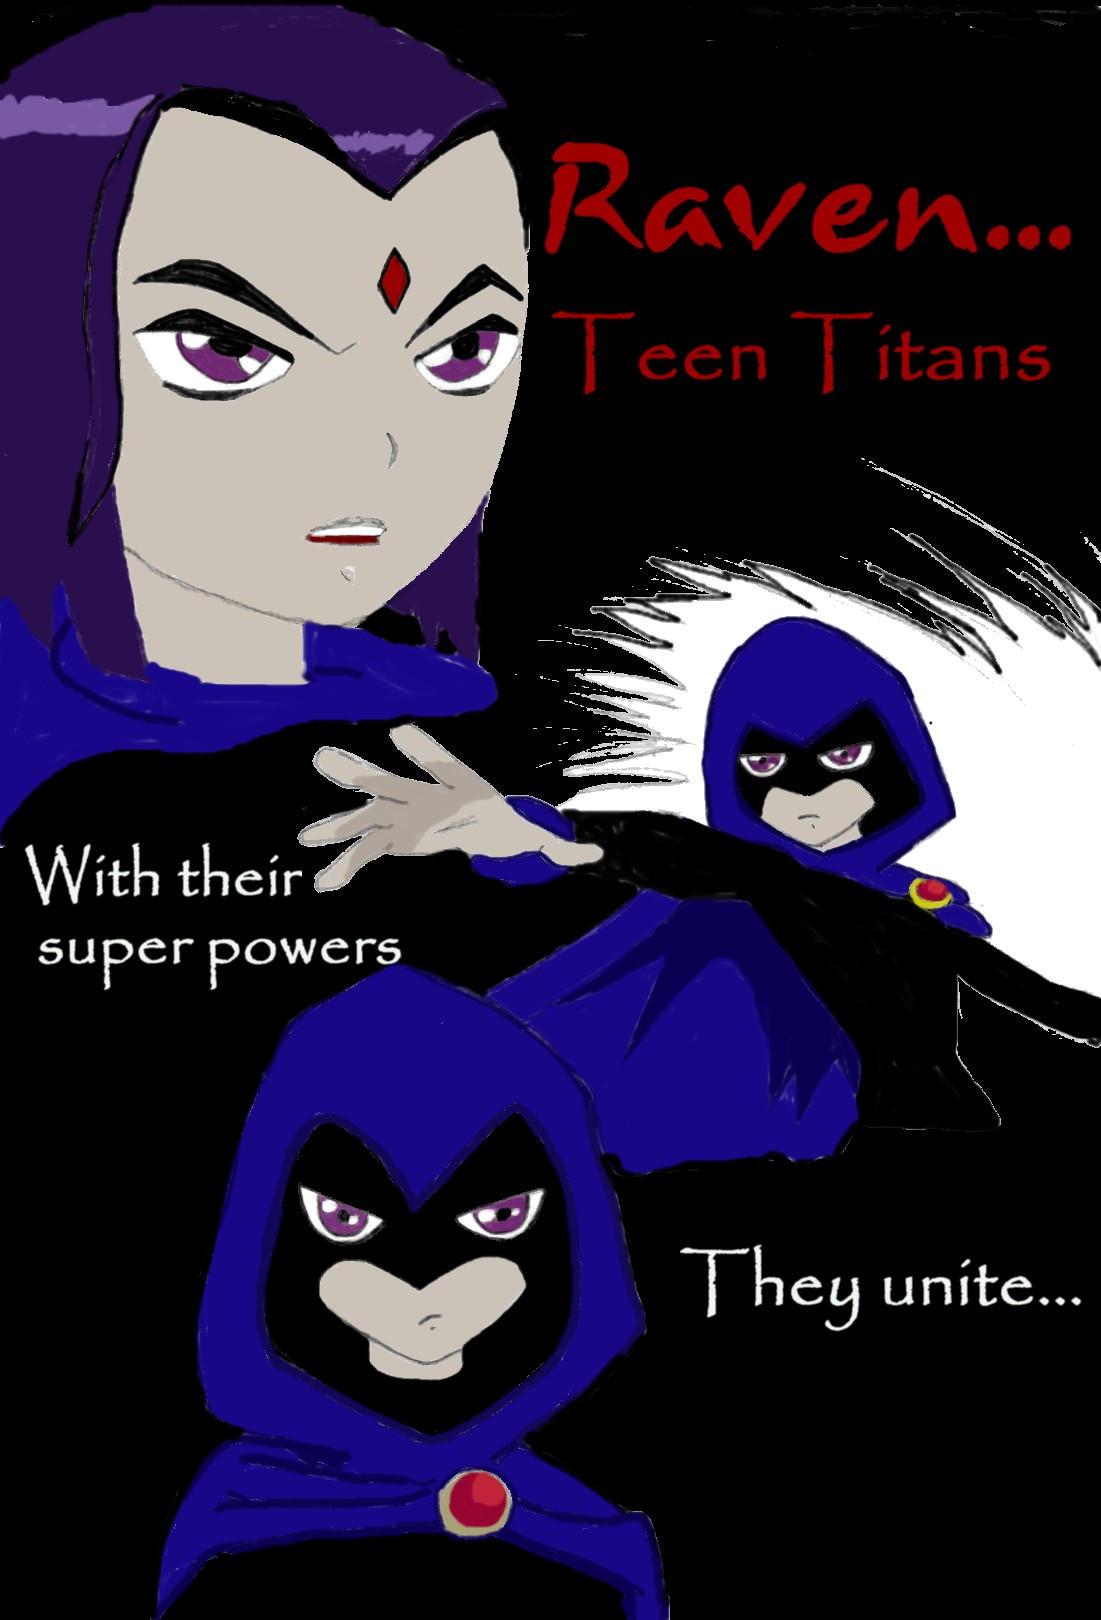 Raven of Teen Titans by Art Goddess teen sex, mature young